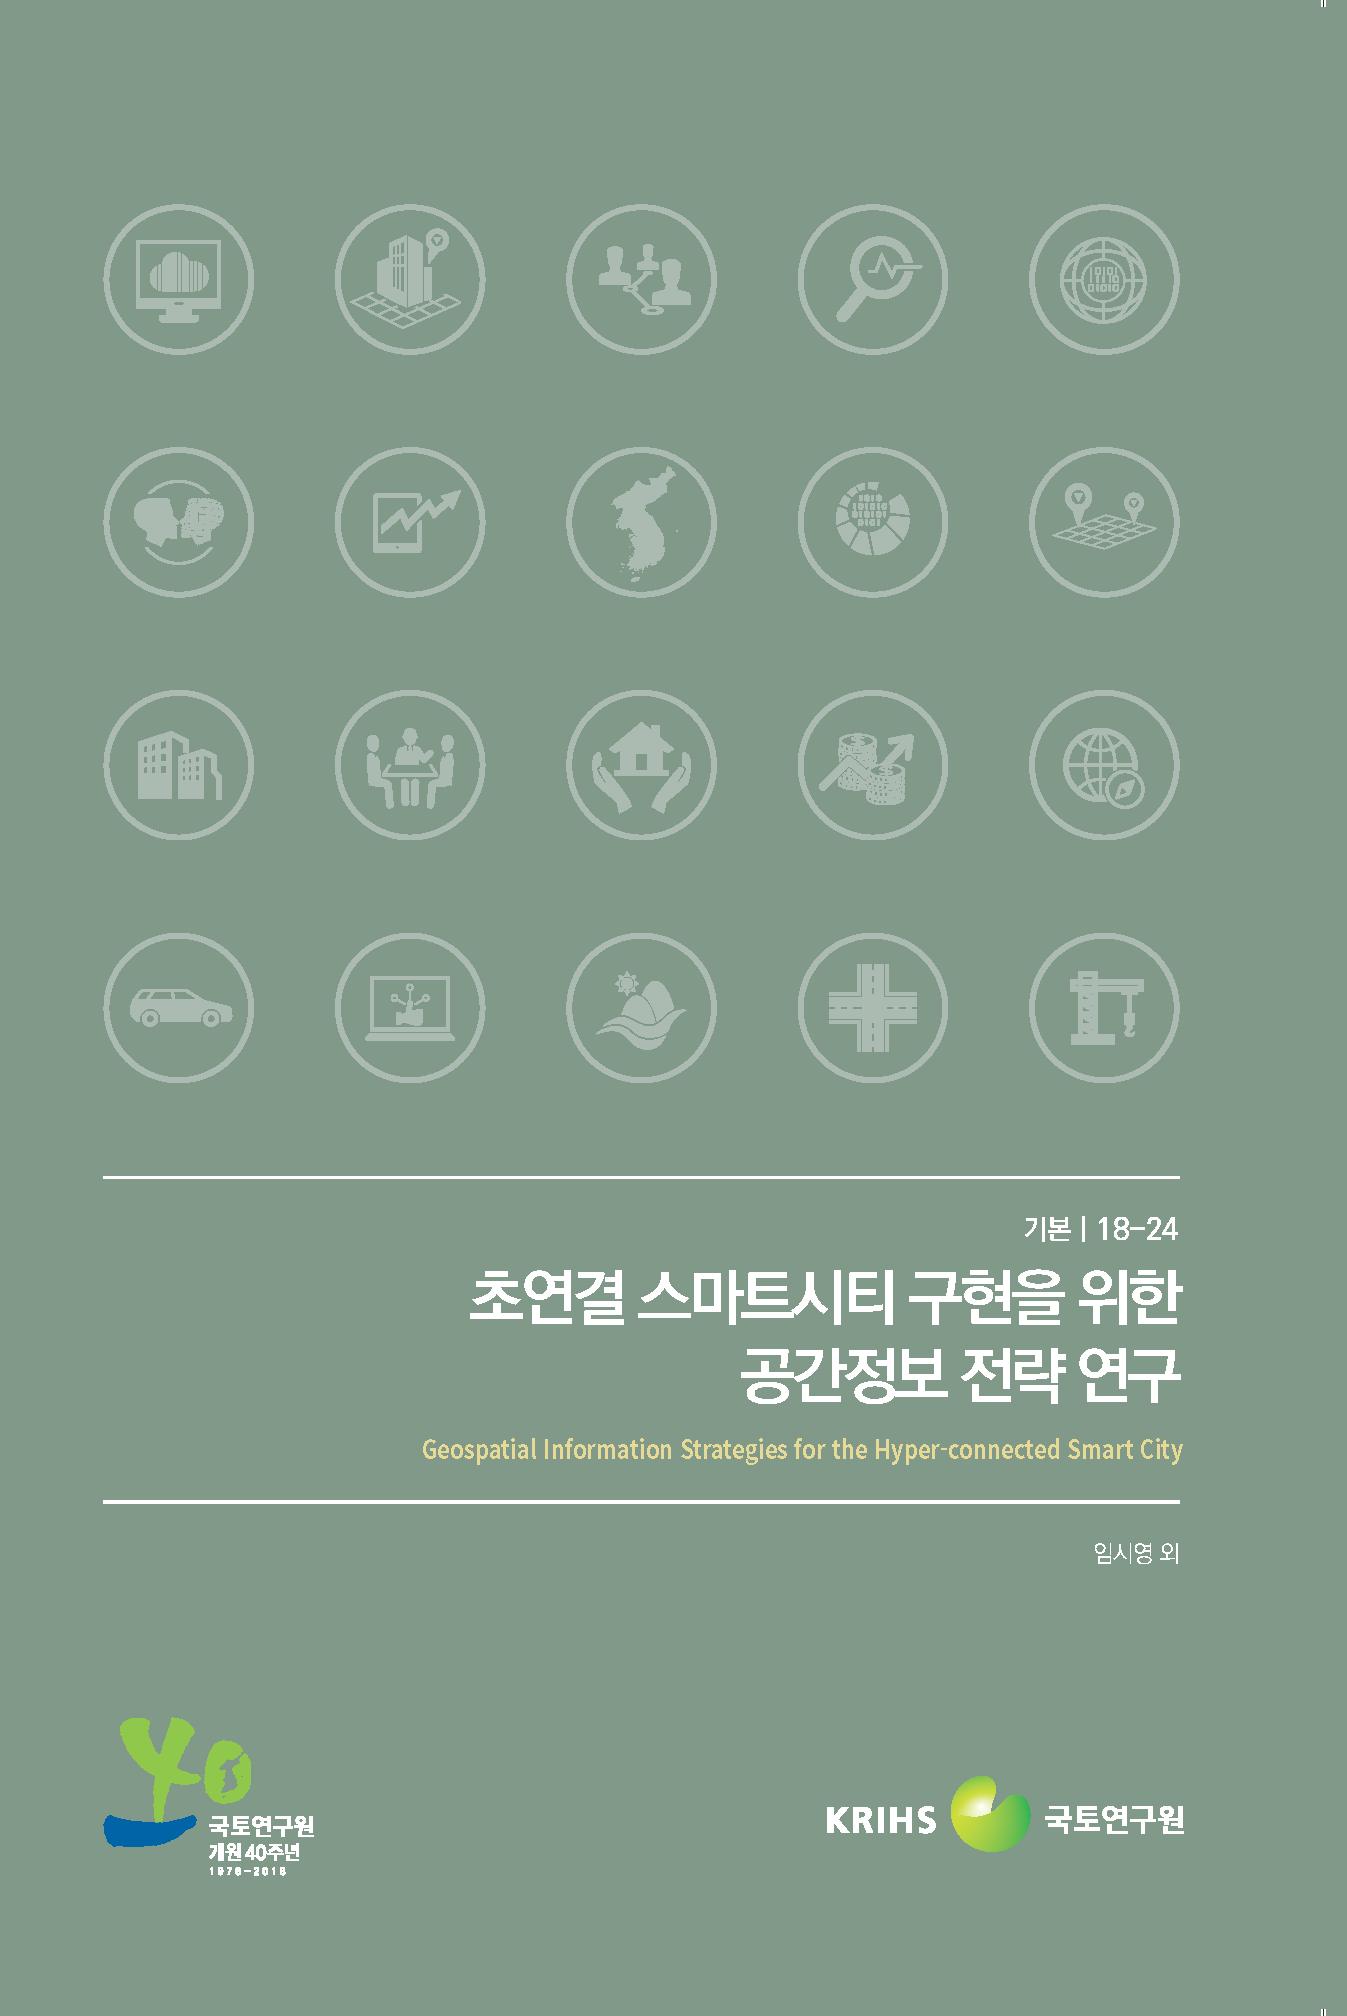 초연결 스마트시티 구현을 위한 공간정보 전략 연구